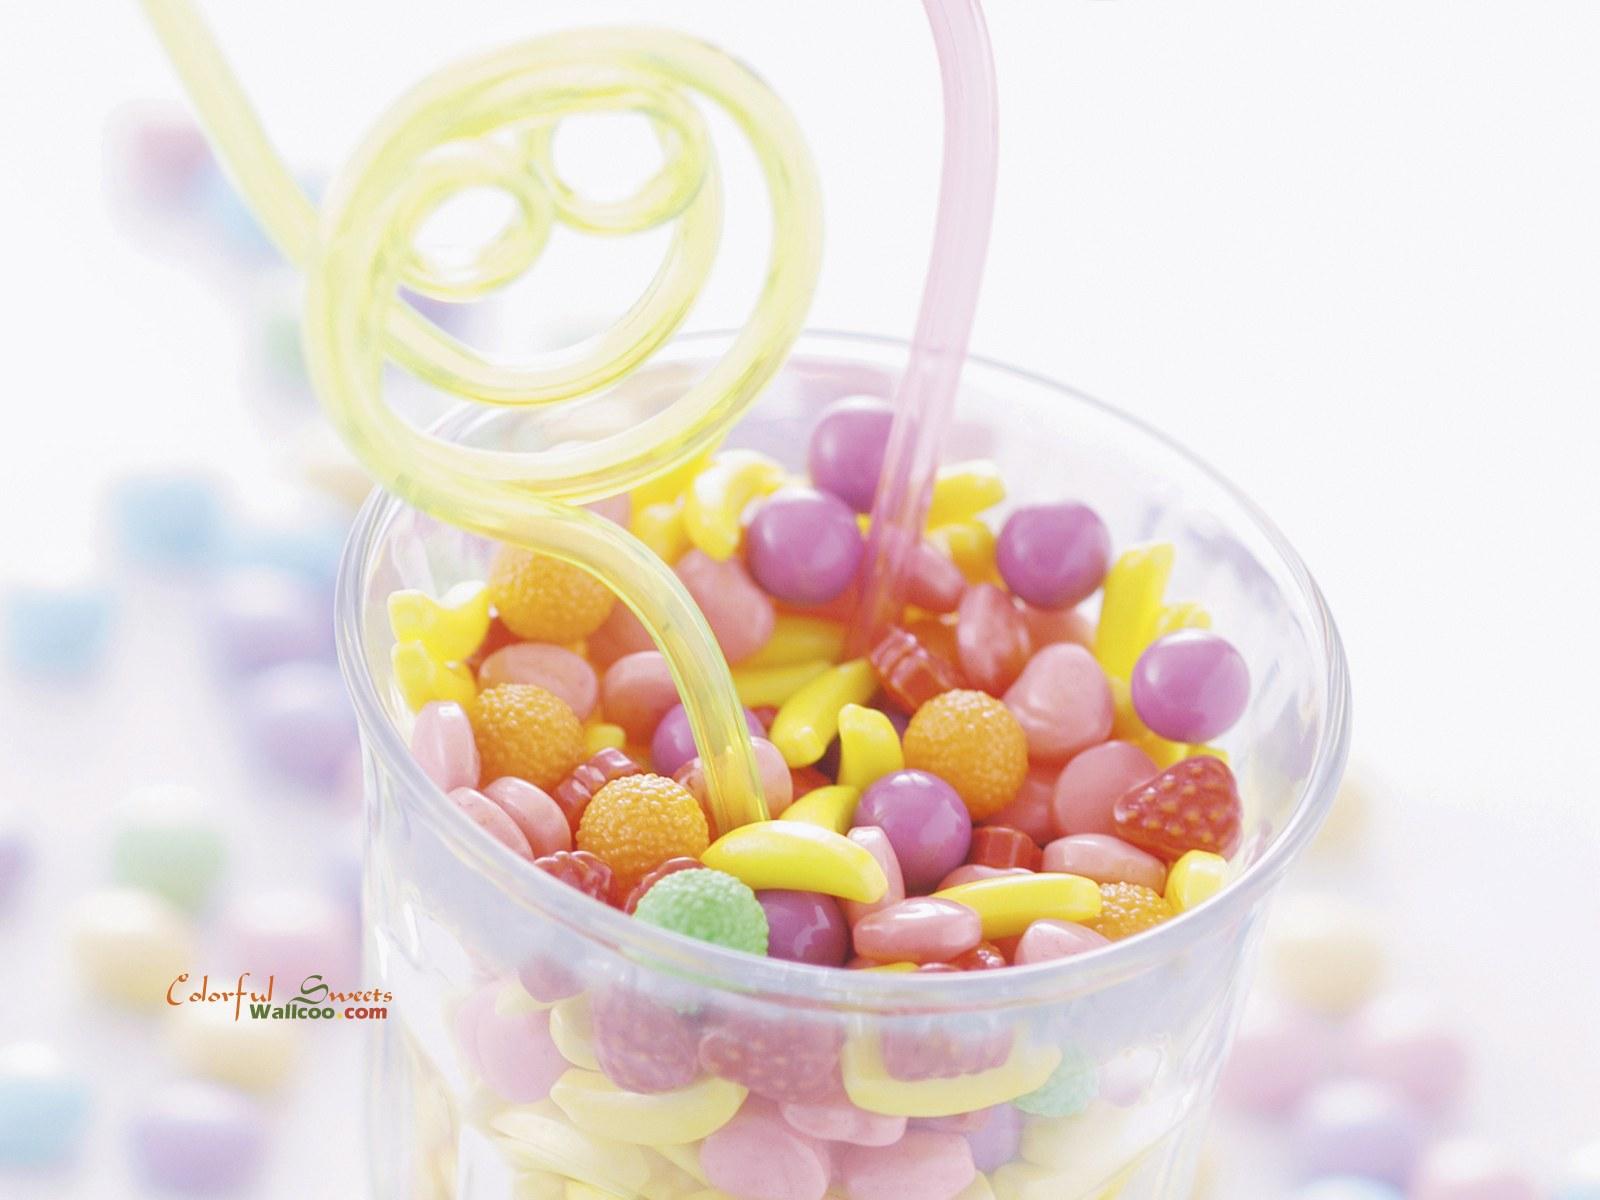 非常可爱的缤纷糖果高清背景图片素材1